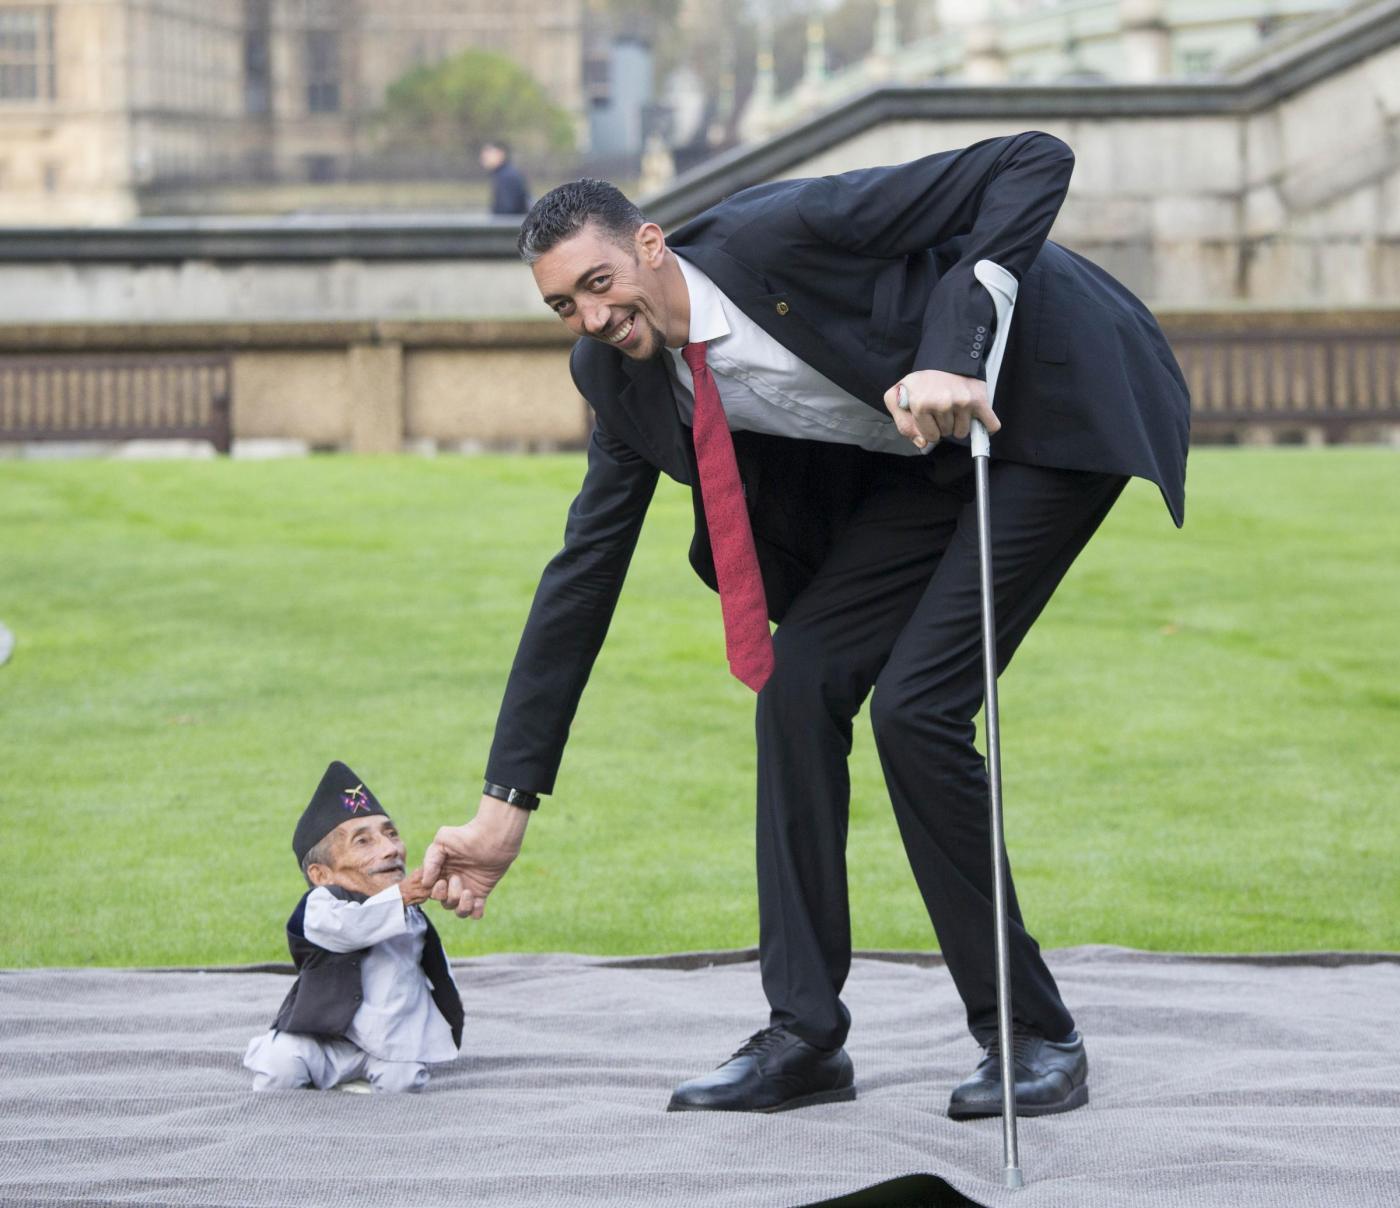 World's Tallest And Shortest Men Meet For Guinness World Records